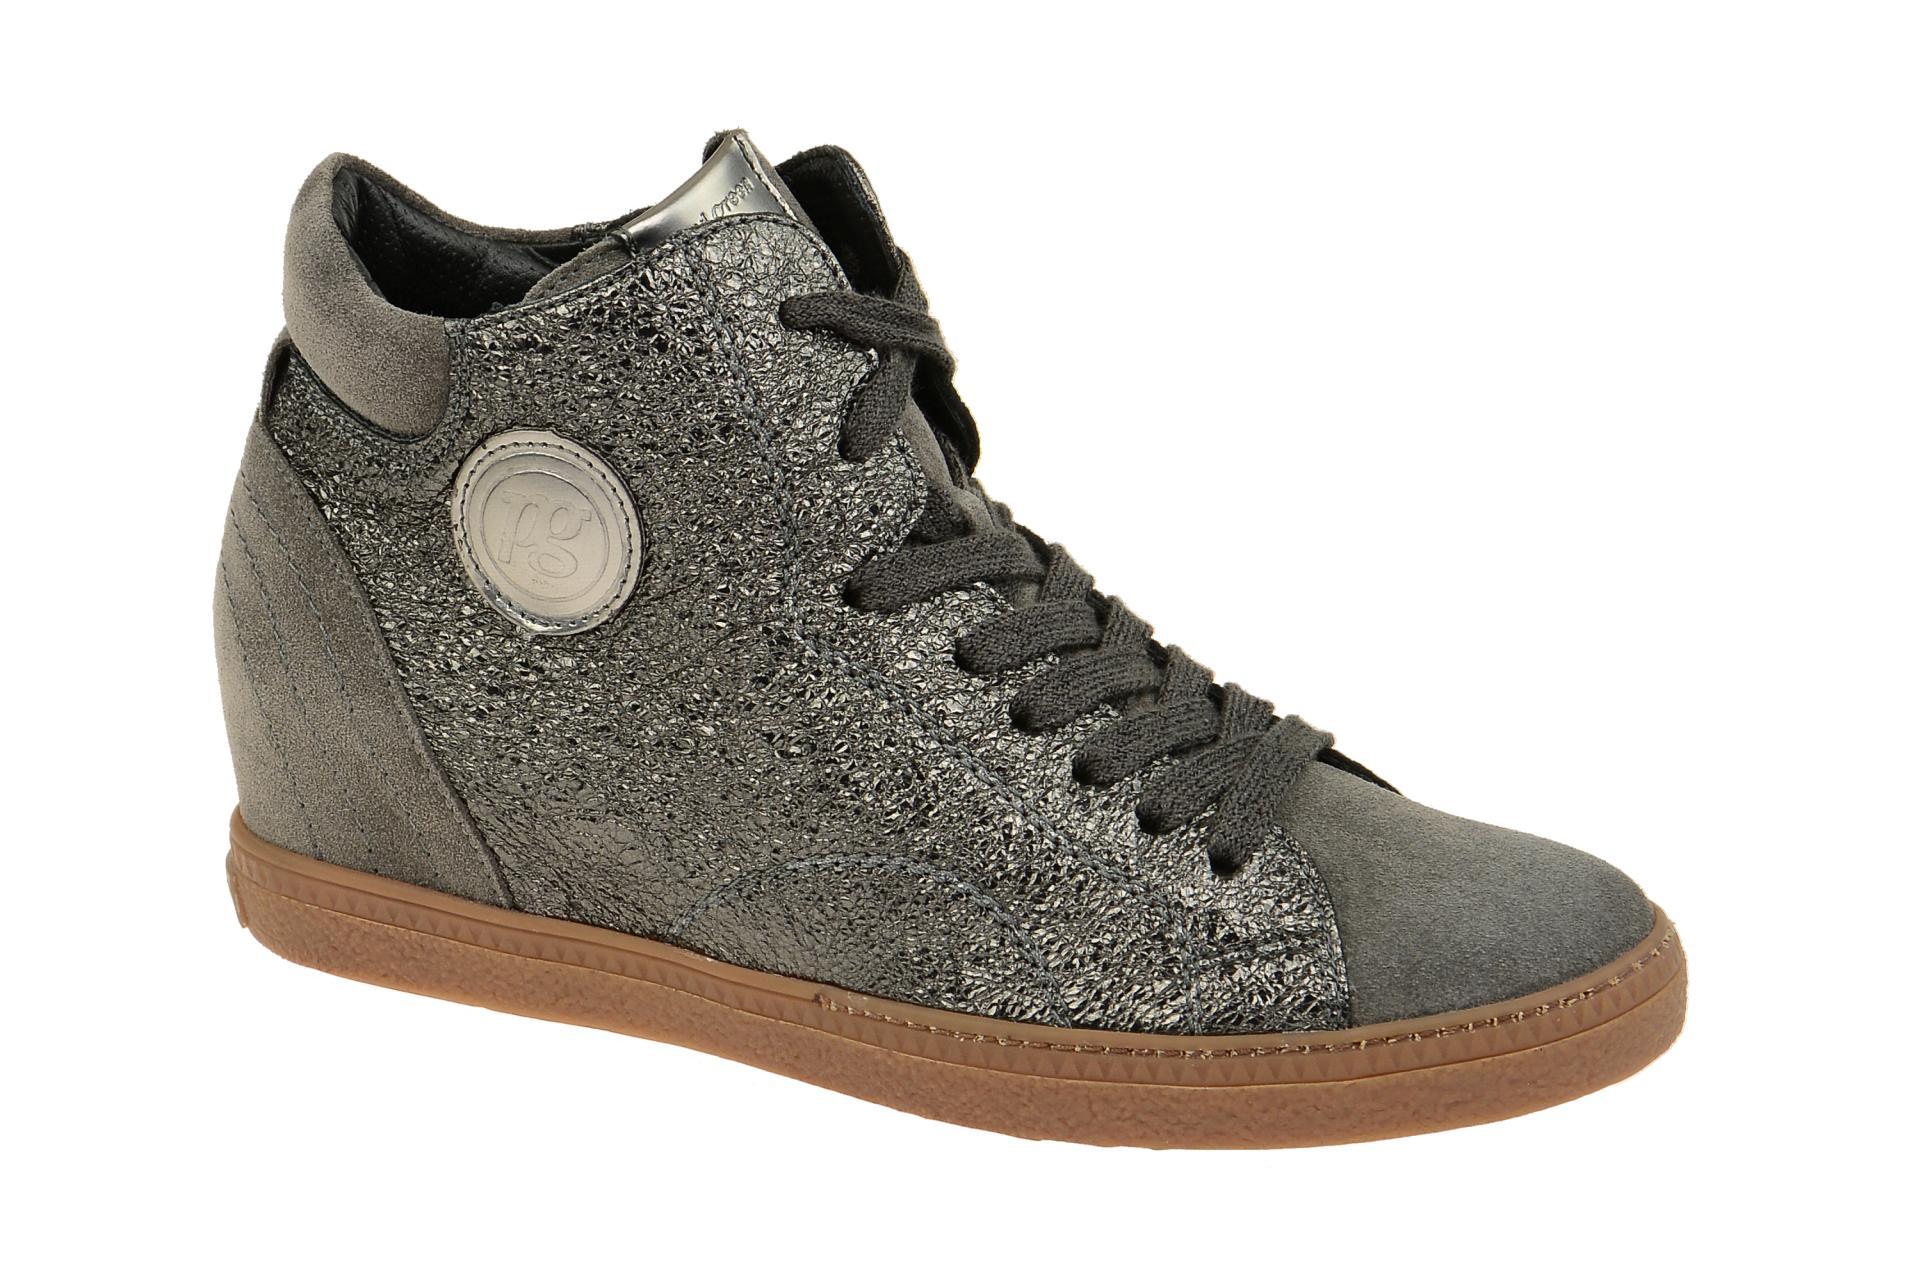 d89c8eaf355e Paul Green Keil Stiefelette grau Glitter 1401 - Schuhhaus Strauch Shop